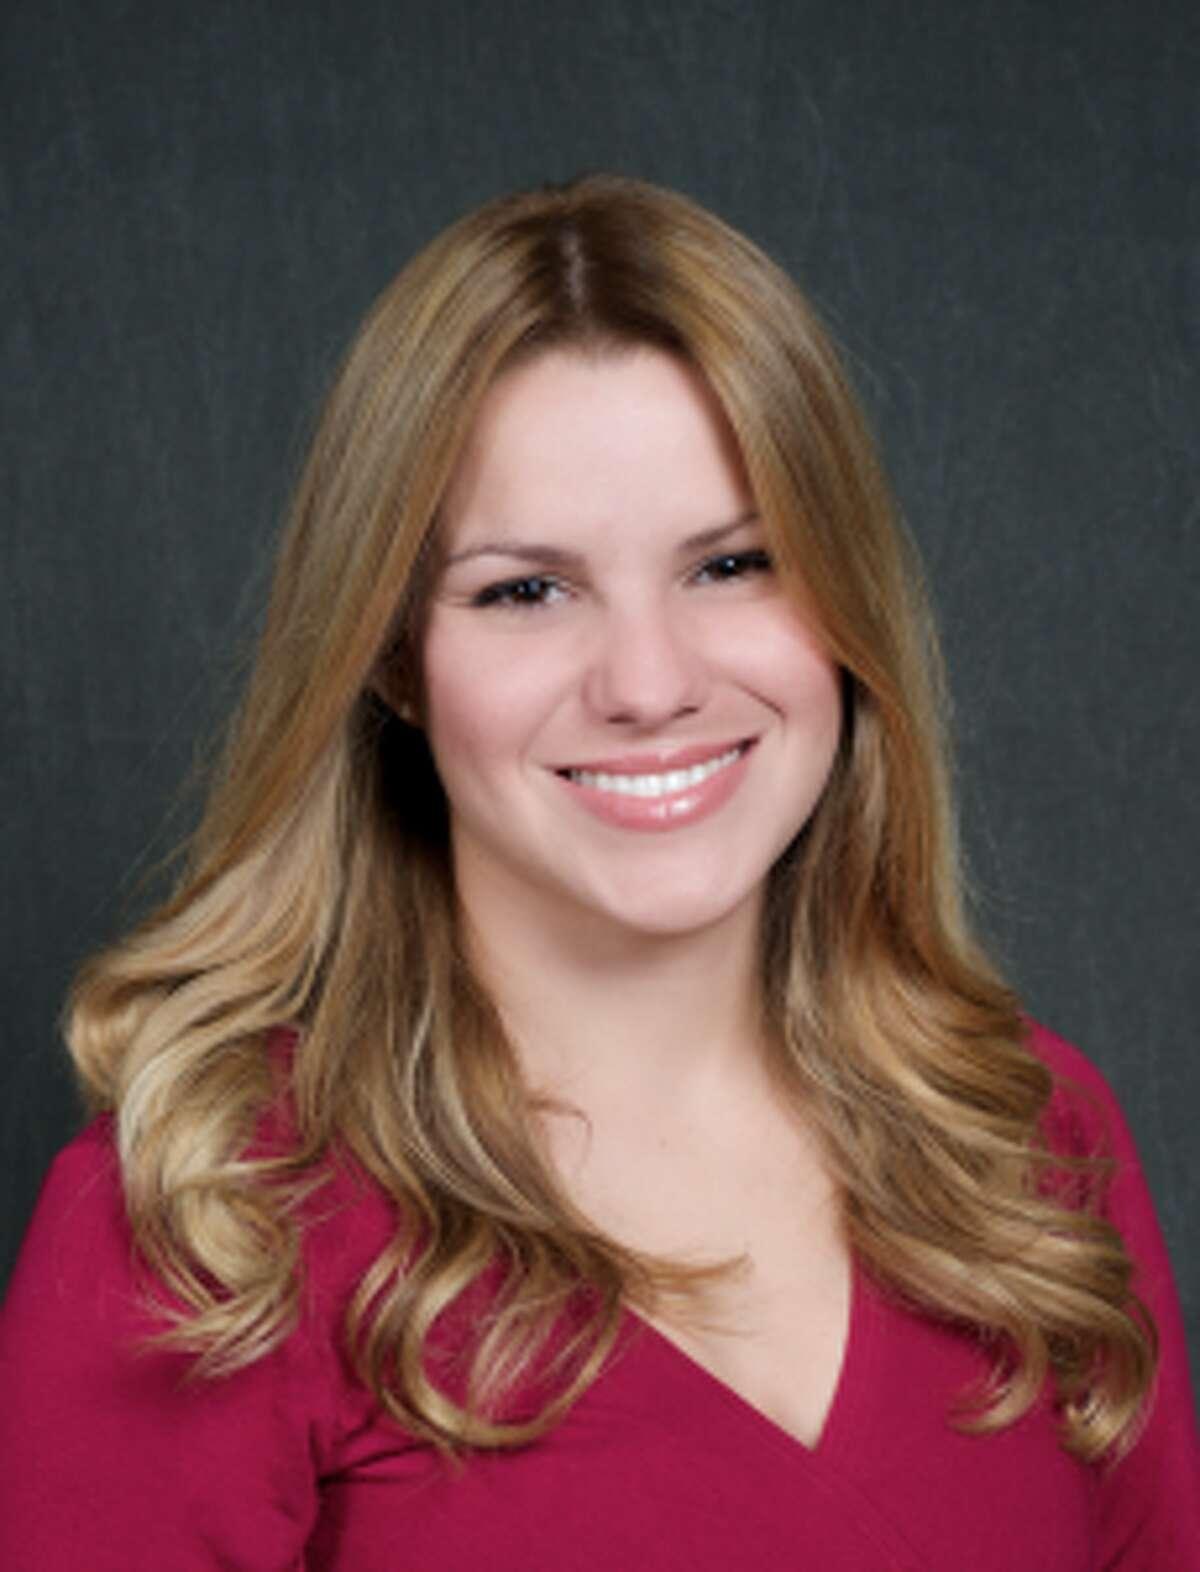 Amanda Morgado